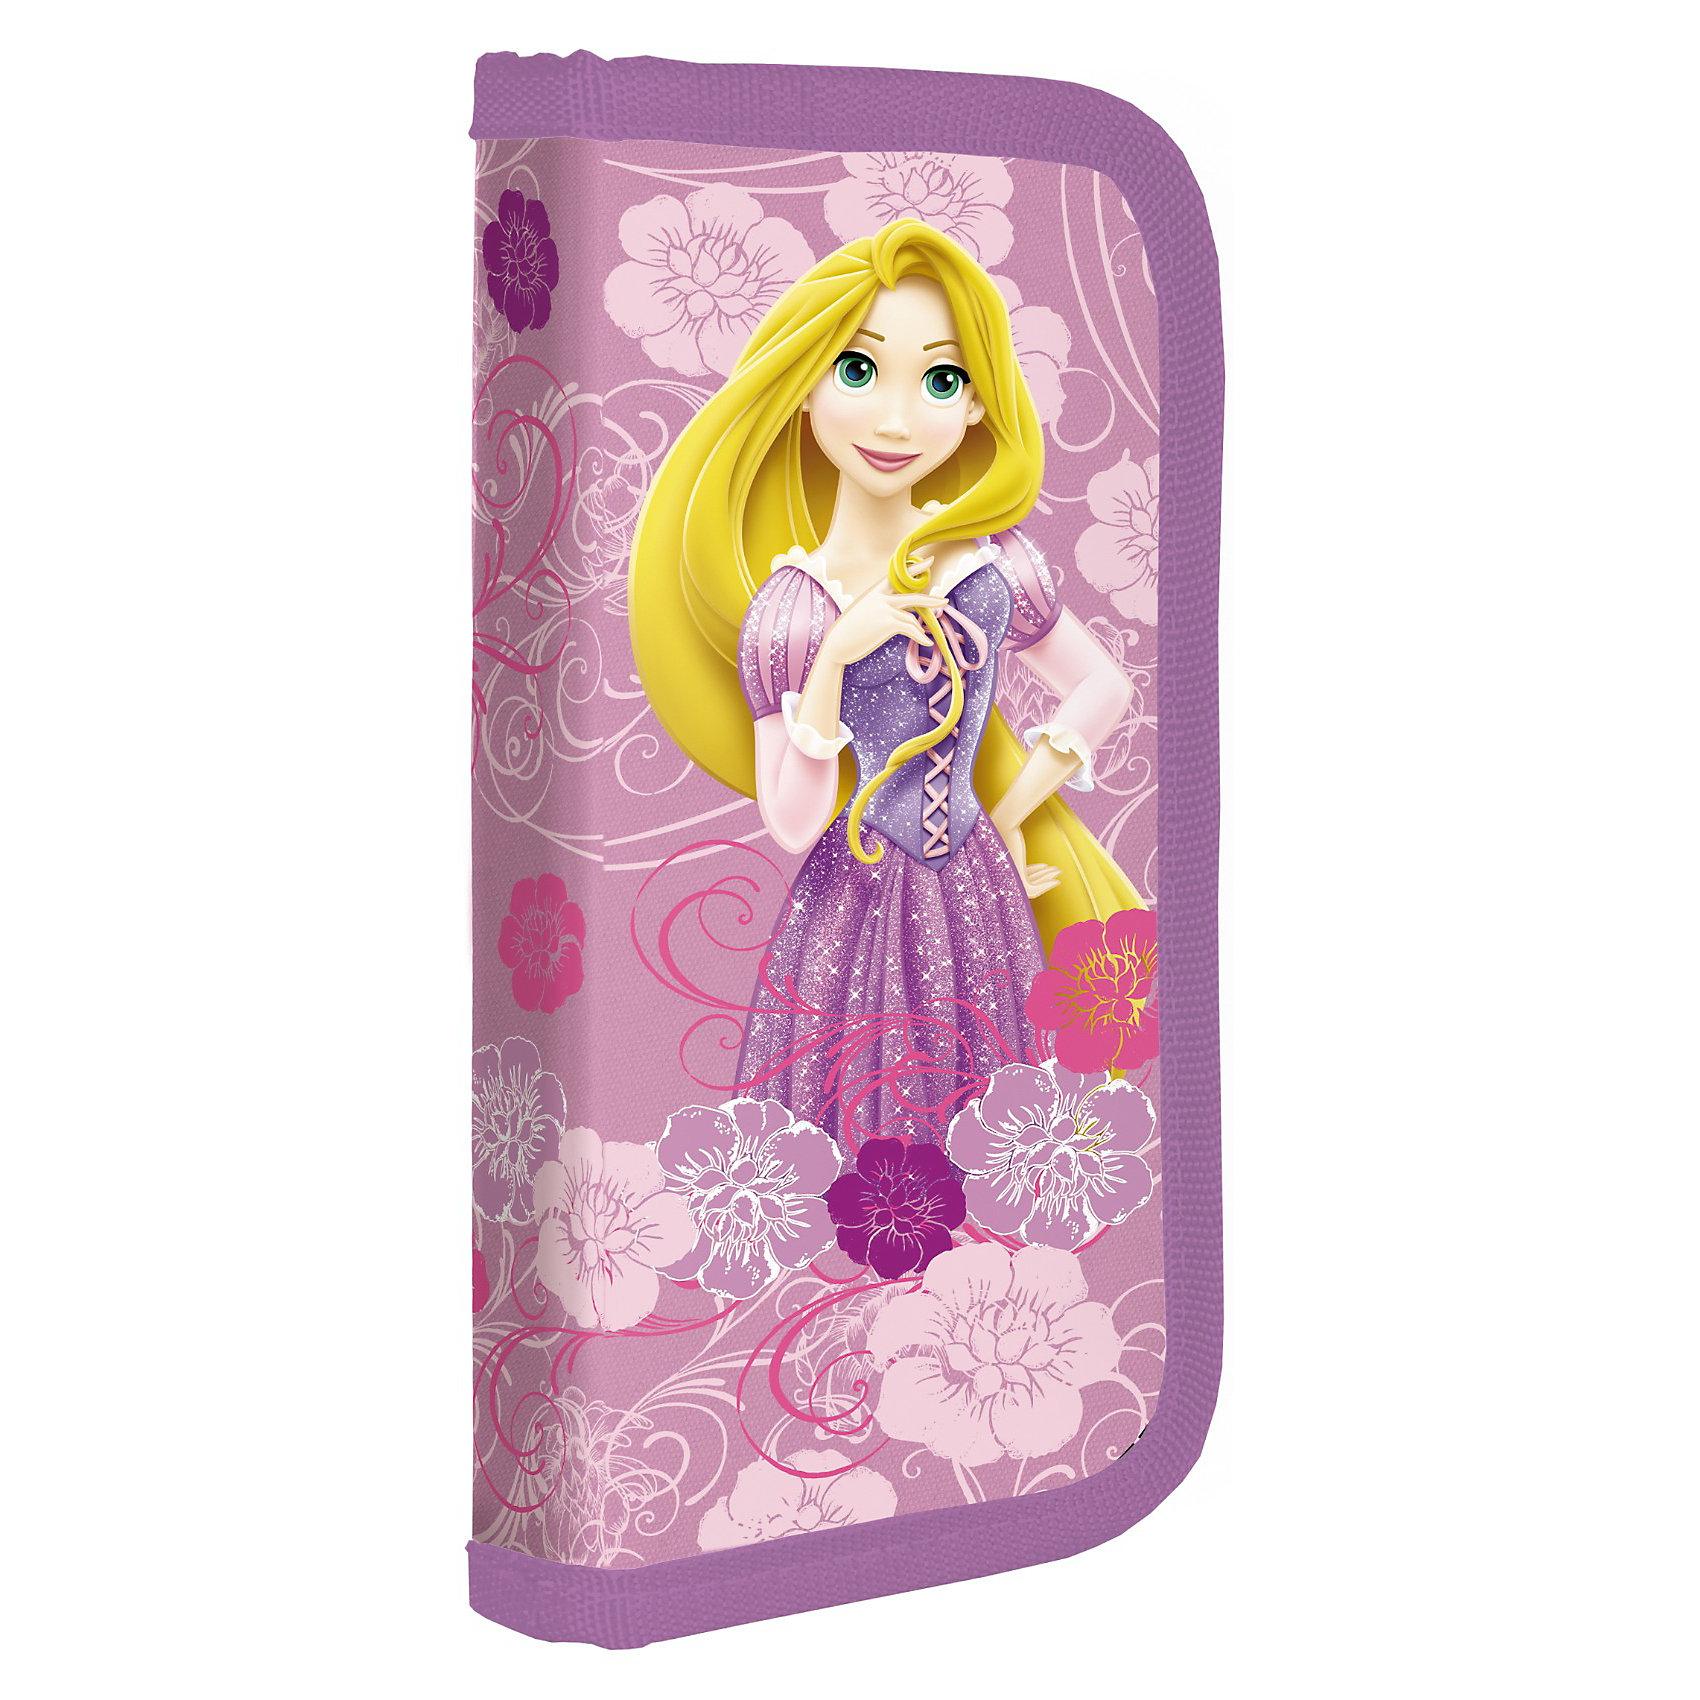 Пенал ламинированный, Принцессы ДиснейПенал жесткий тканевый Disney Princess предназначен для хранения канцелярских принадлежностей, которые необходимы девочке в школе. Удобная прямоугольная форма позволяет носить этот пенал в любом рюкзаке или сумке.<br>Плотный каркас пенала защищает канцелярские принадлежности от повреждений.<br>Тканевое покрытие делает пенал приятным для тактильных ощущений.<br>Внутри пенала есть крепления для карандашей и ручек.<br>Декорирован этот товар рисунком с изображением принцесс из диснеевских мультфильмов.<br><br>Дополнительная информация:<br><br>- материал: полиэстер<br>- размер пенала: 20 х 9 х 3 см.<br><br>Пенал ламинированный , Disney Princess  можно купить в нашем магазине.<br><br>Ширина мм: 200<br>Глубина мм: 90<br>Высота мм: 30<br>Вес г: 37<br>Возраст от месяцев: 48<br>Возраст до месяцев: 84<br>Пол: Женский<br>Возраст: Детский<br>SKU: 3562893